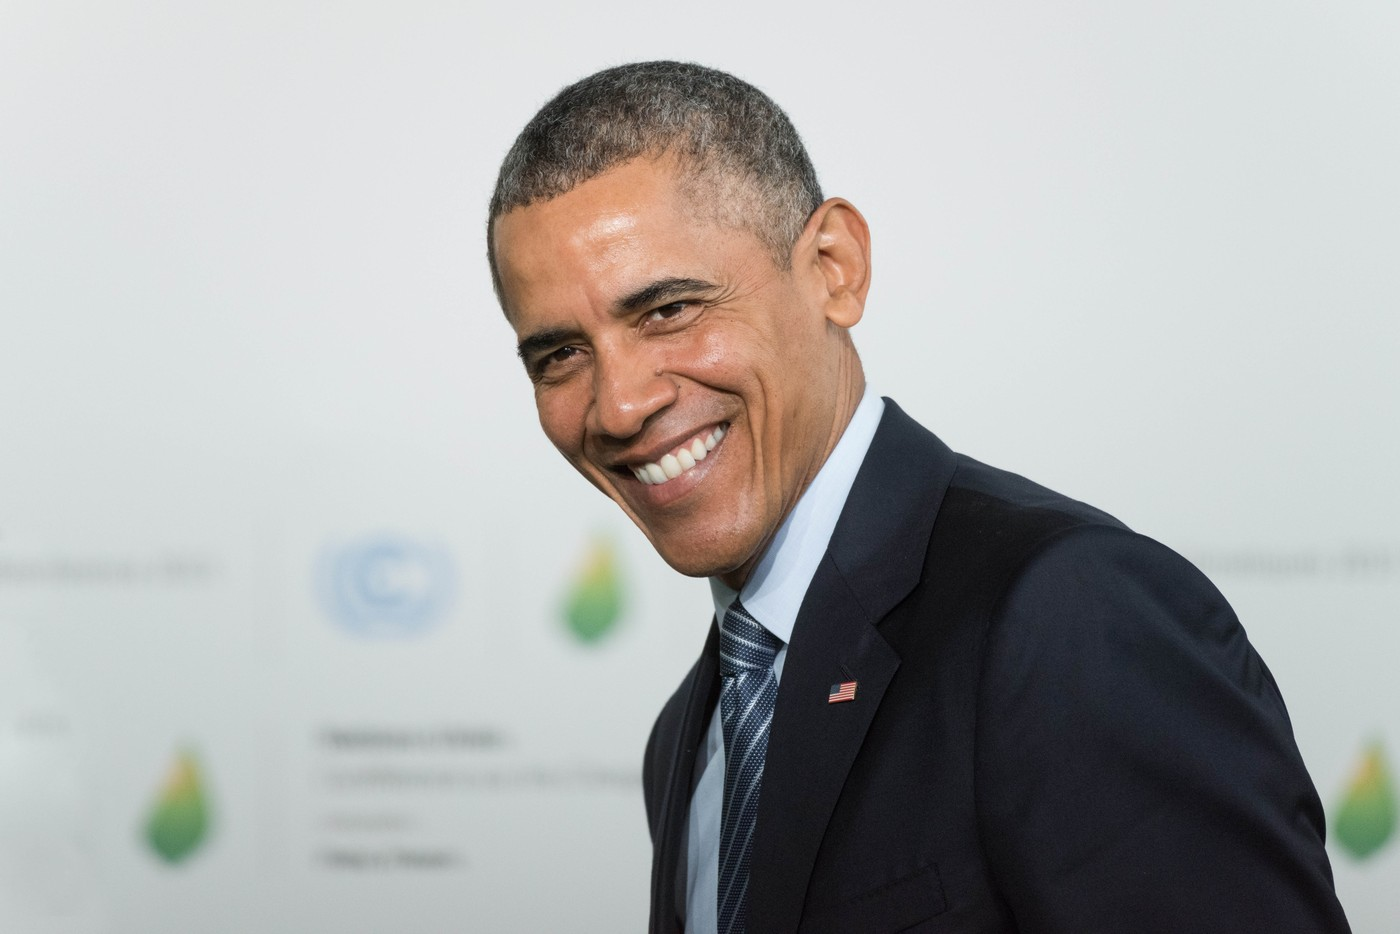 總統級片單來了!歐巴馬公佈年度最愛的21部作品,你看過哪幾部?